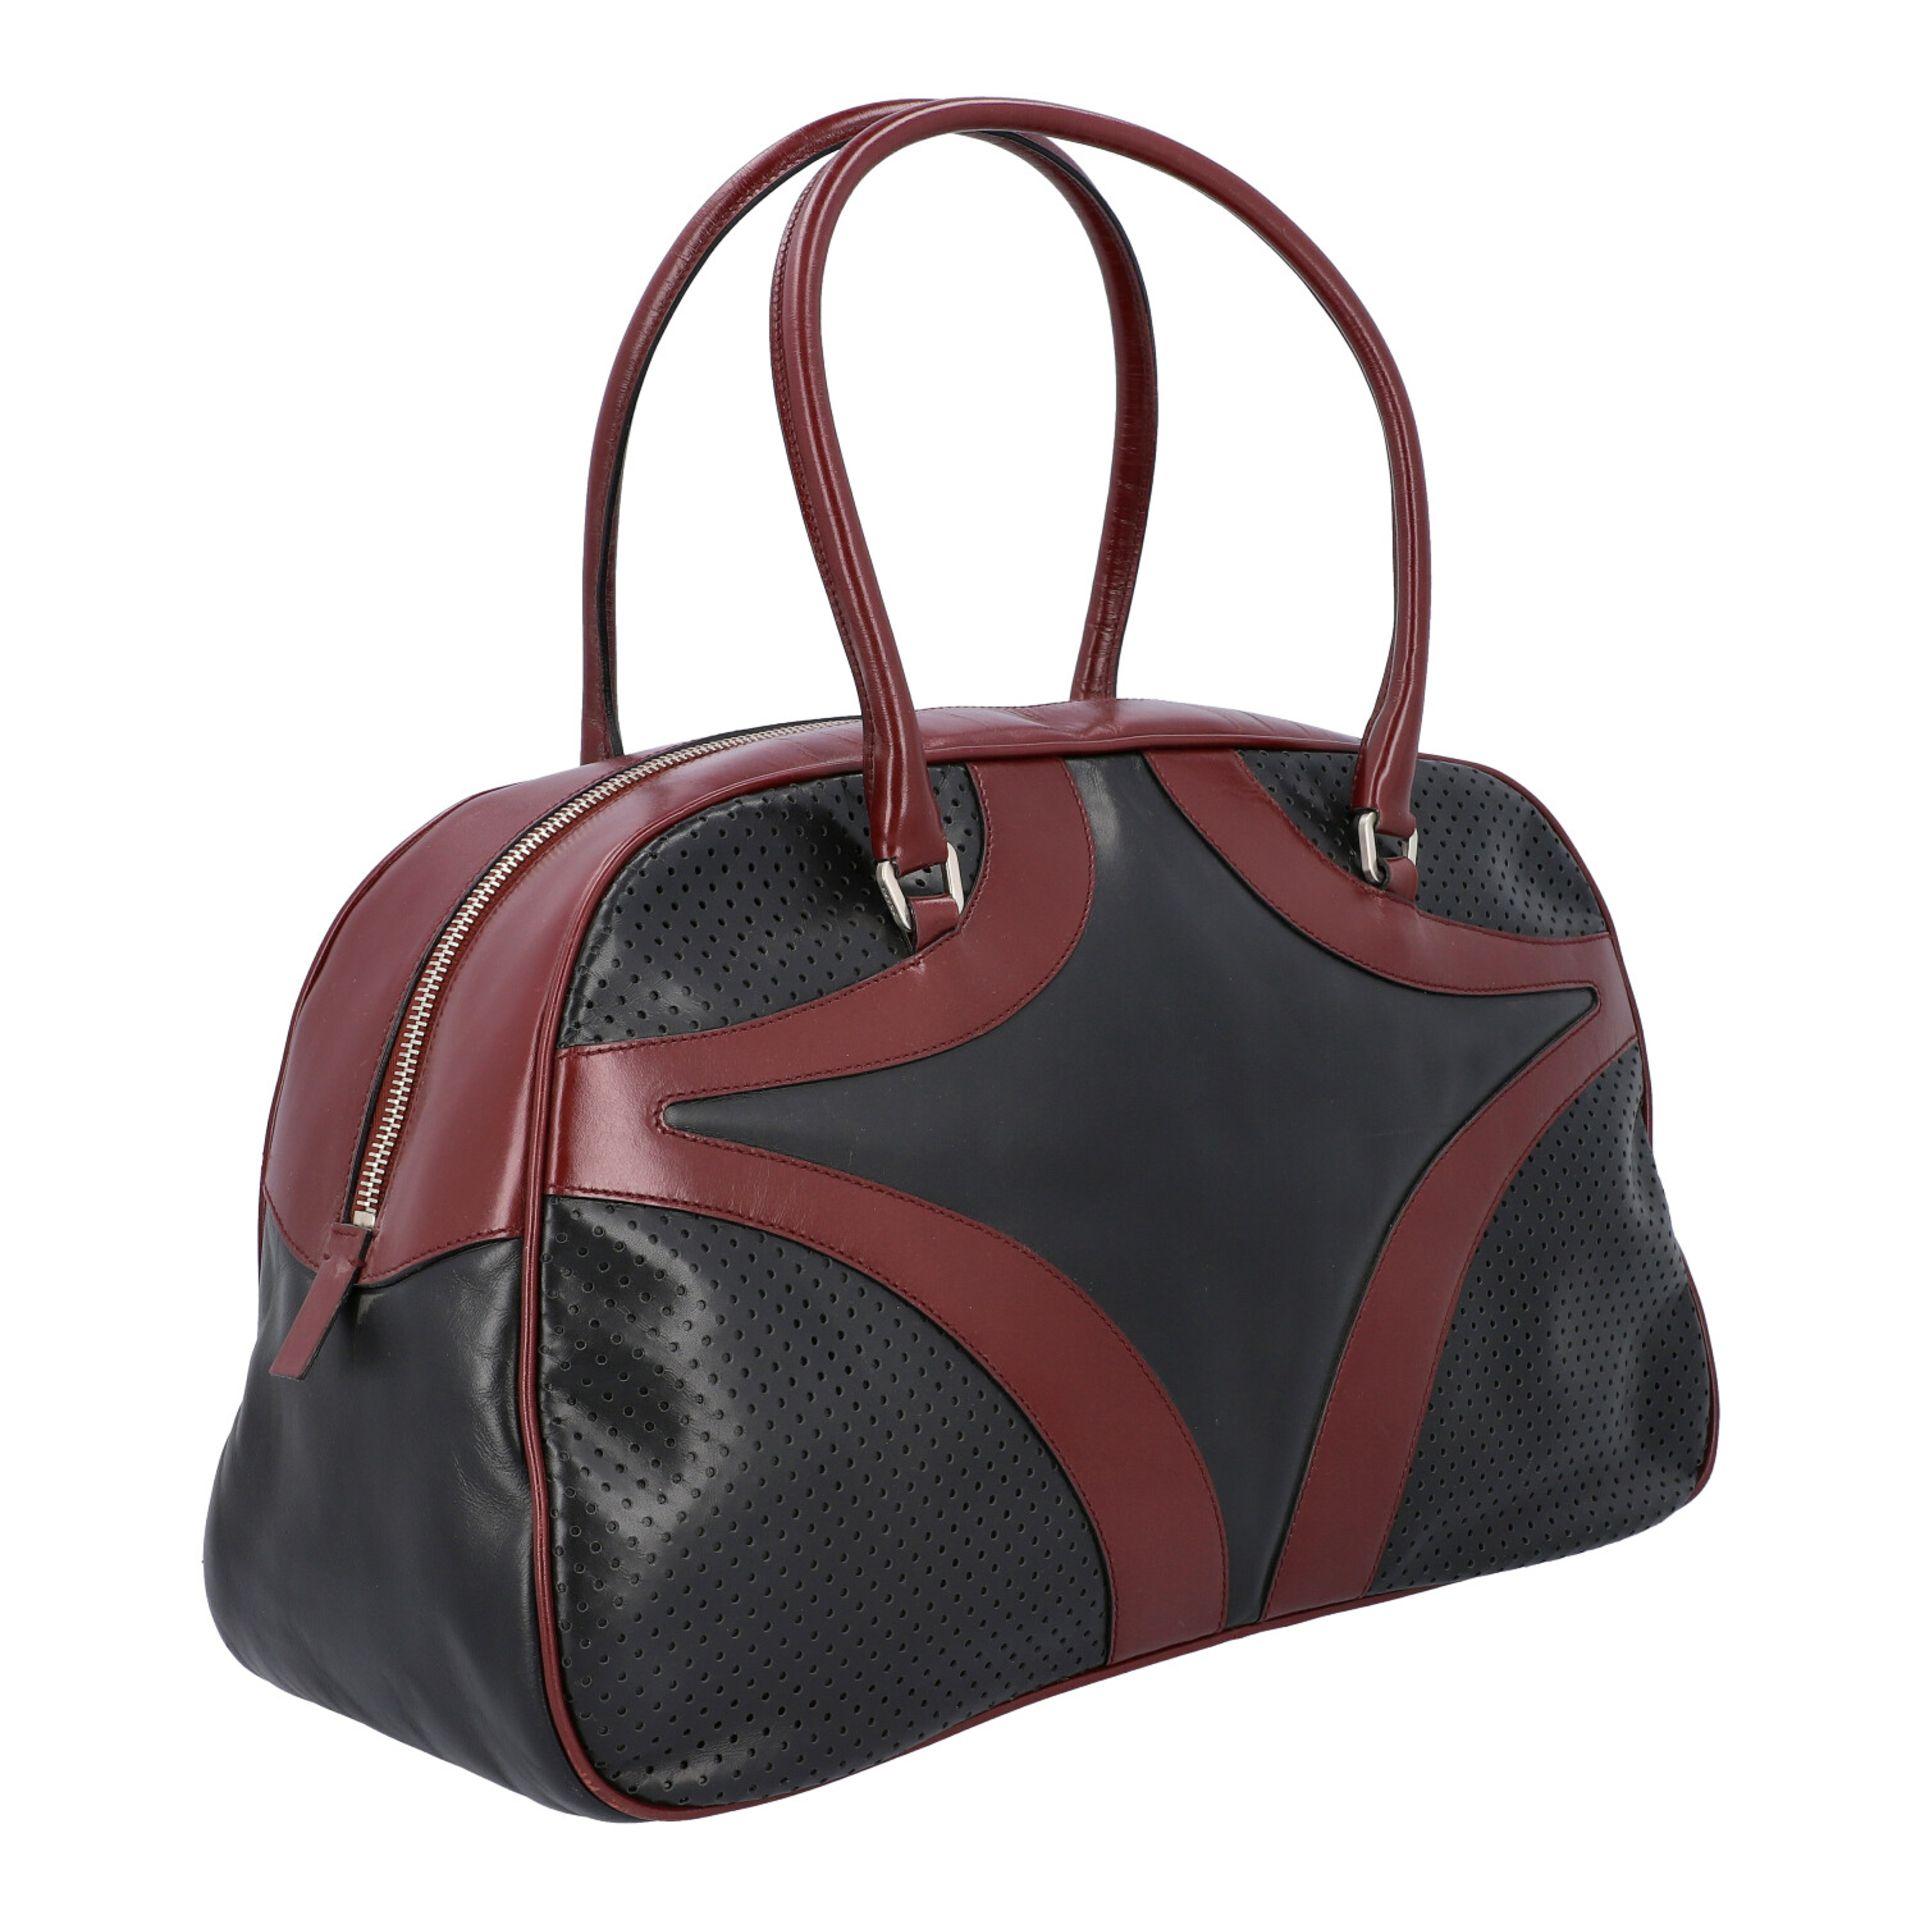 PRADA Handtasche. Glattleder in Schwarz und Bordeaux mit silberfarbener Hardware, umla - Image 2 of 8